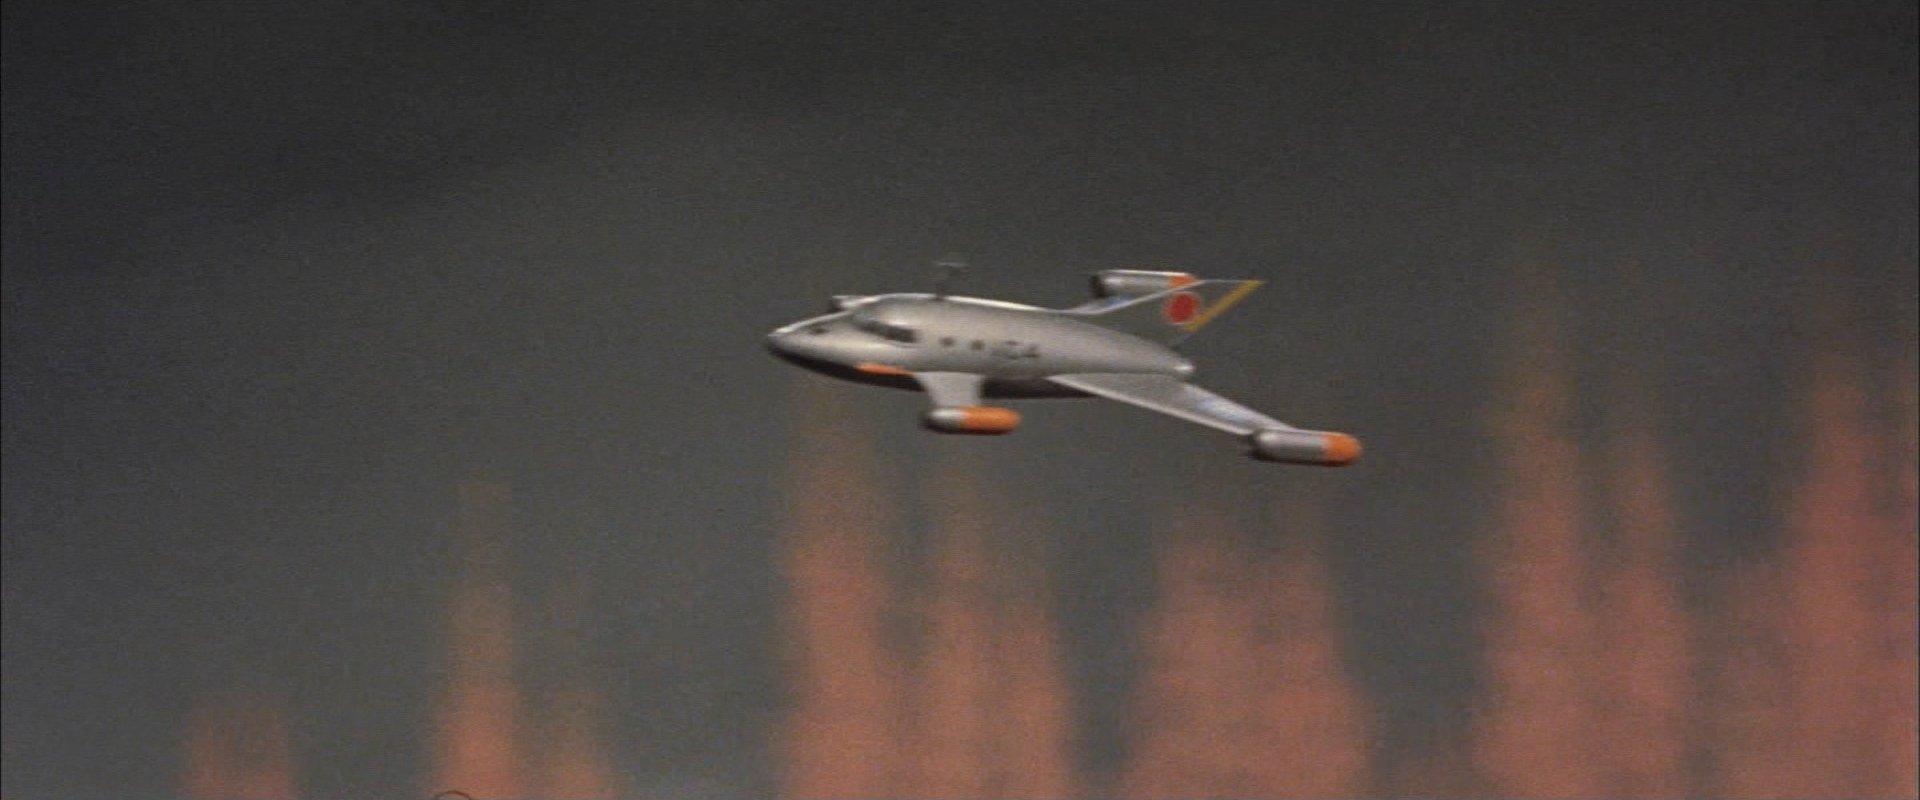 『妖星ゴラス』国連VTOL機